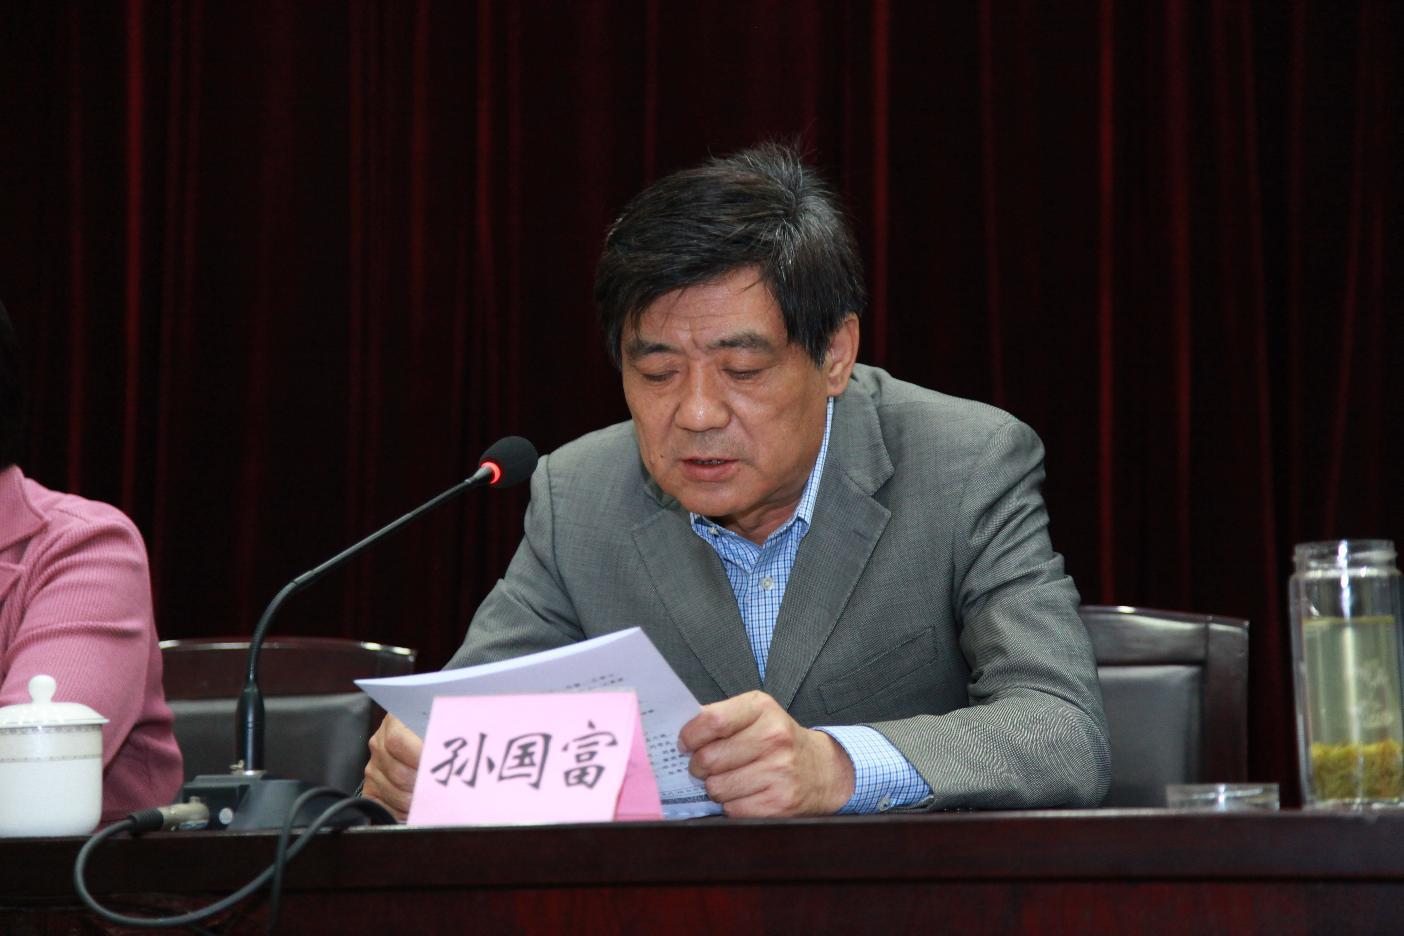 孙部长宣读表彰决定